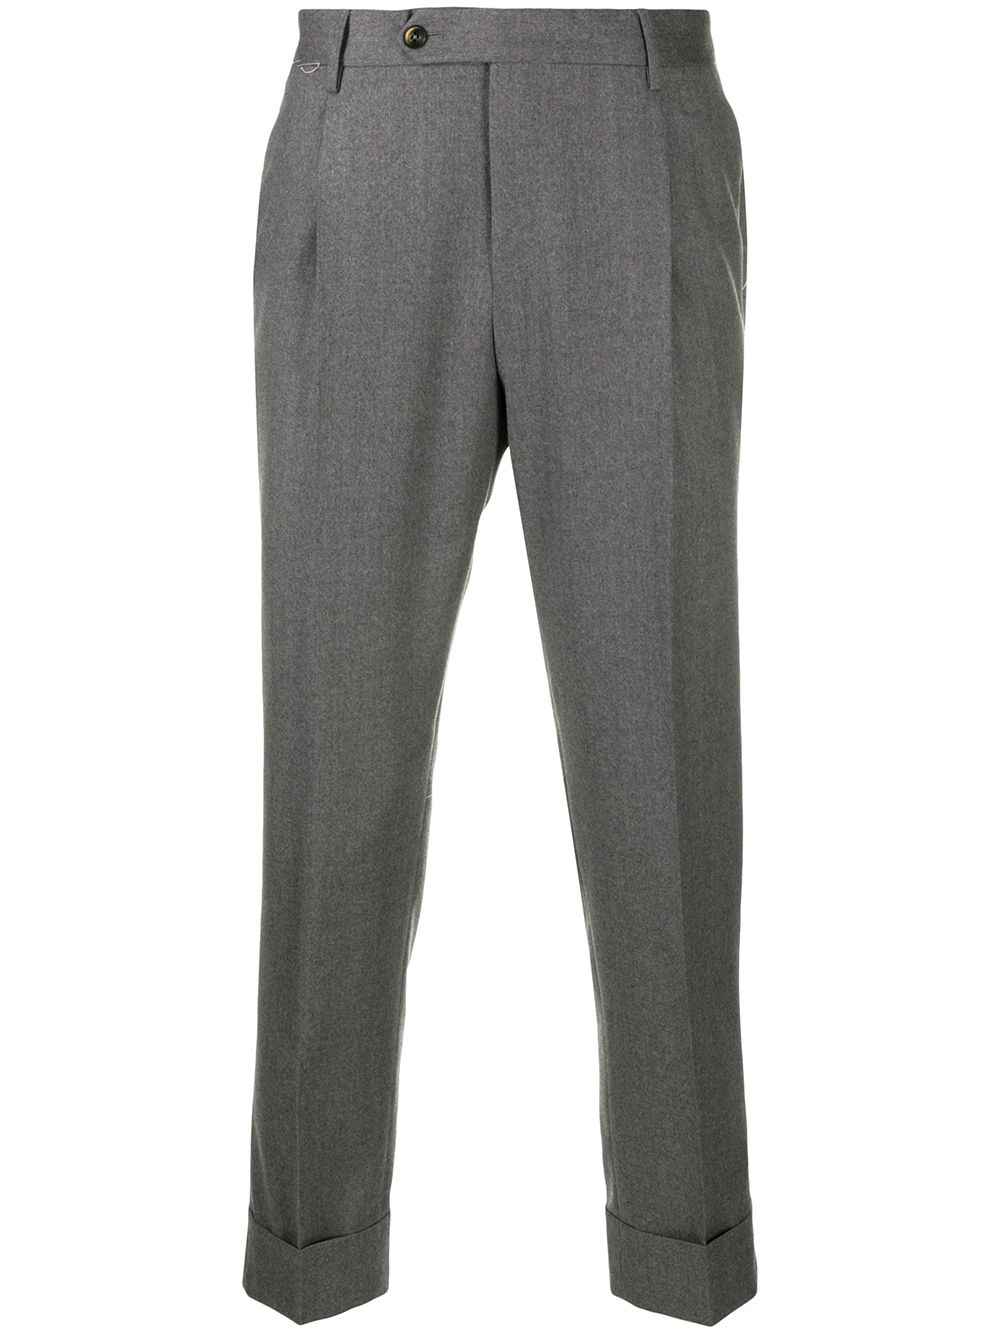 Grey cotton blend pleat-detail trousers PT01 |  | COAFFKZ00CL1-CM130230